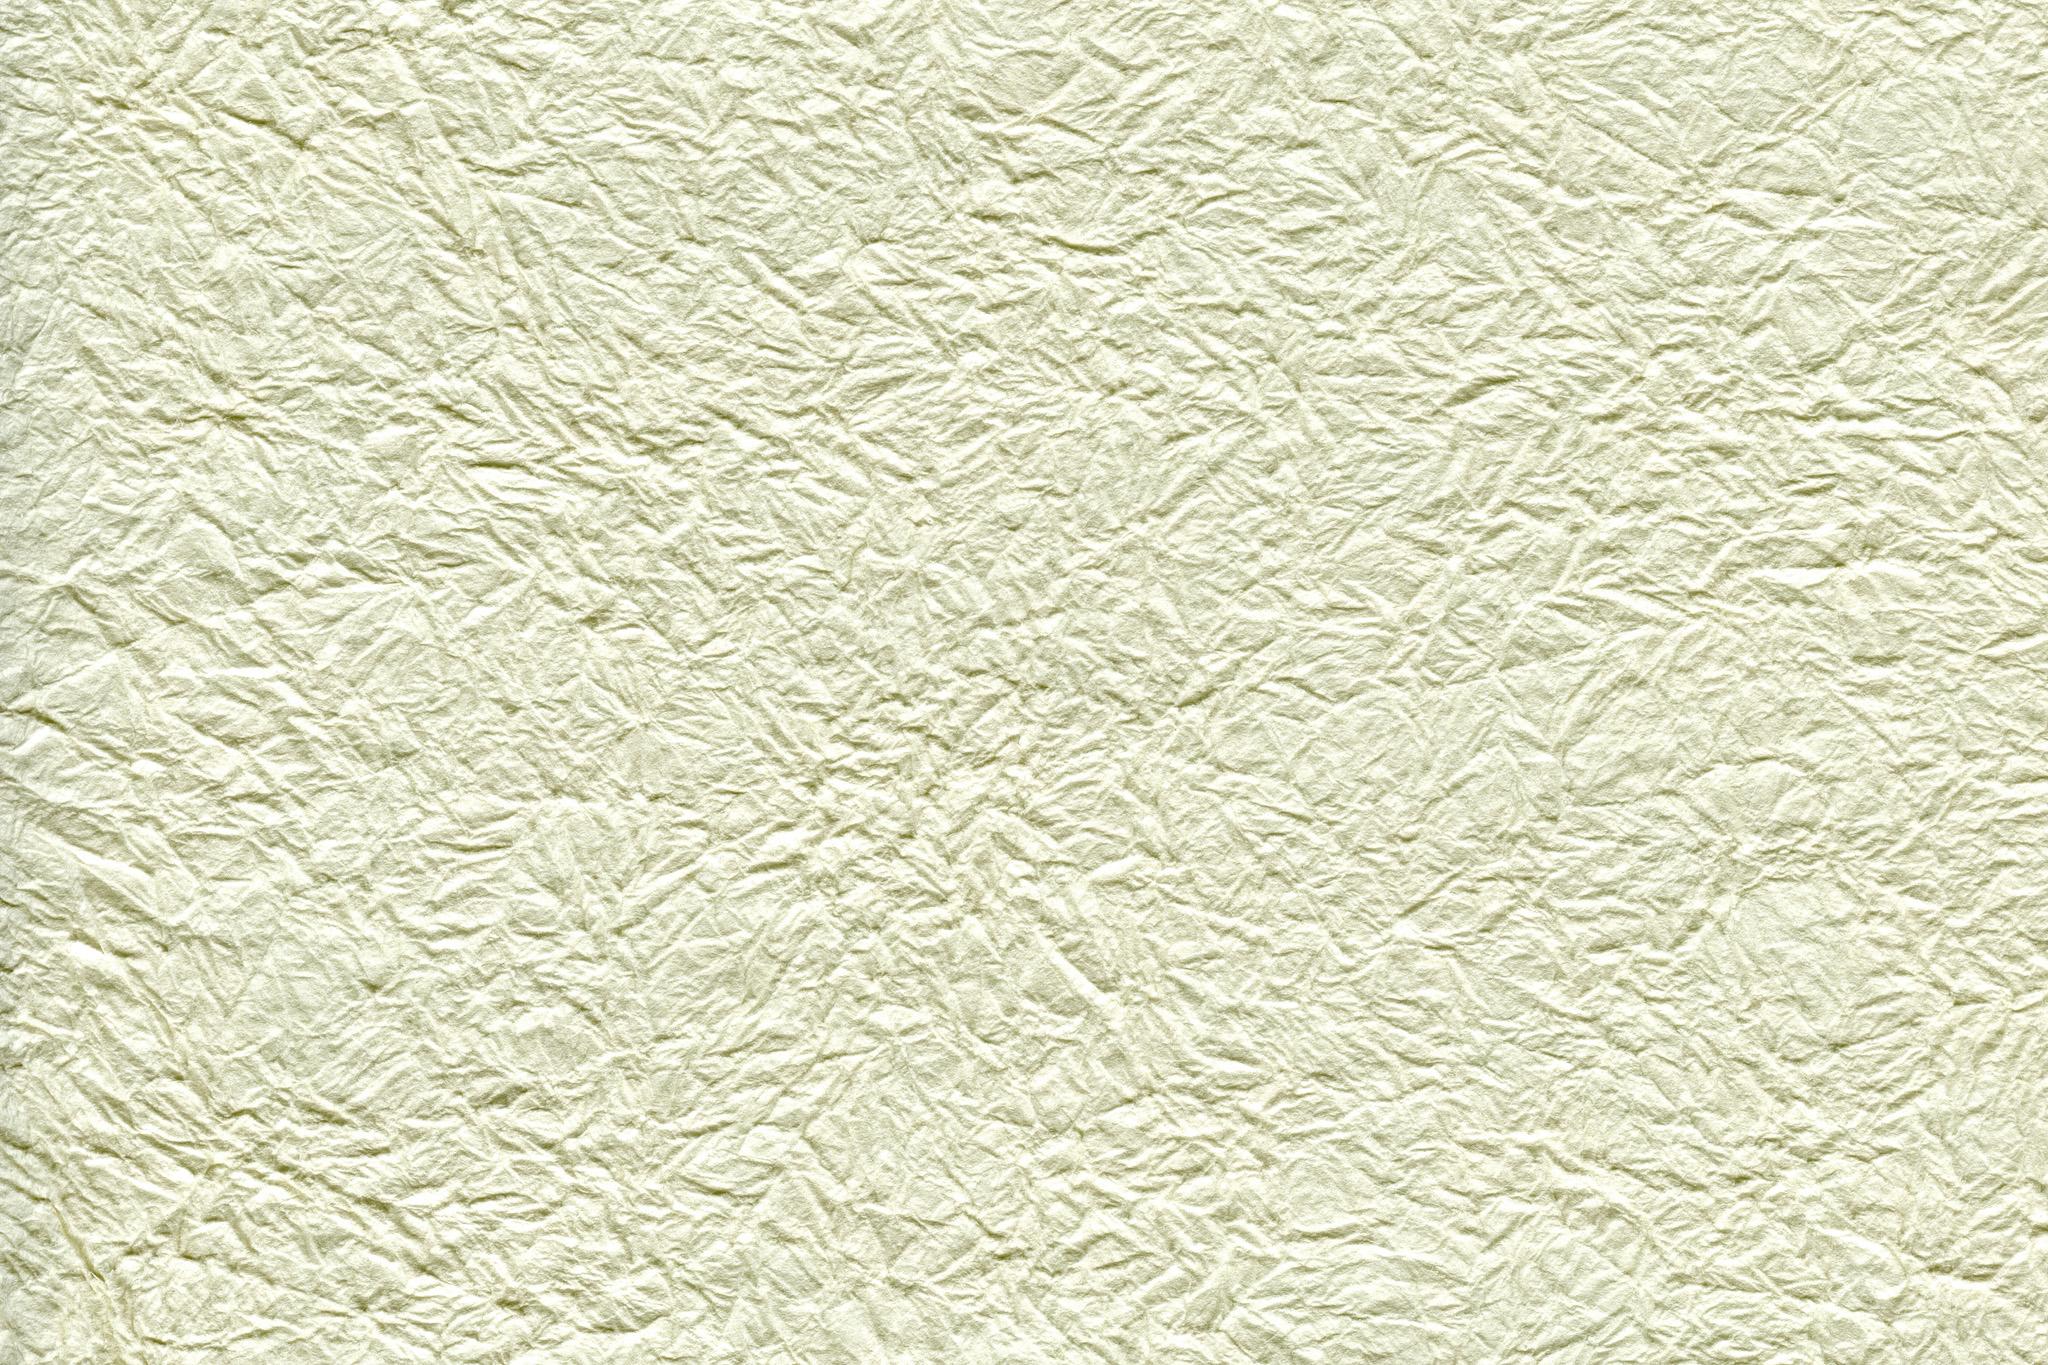 シワがある白い紙の質感